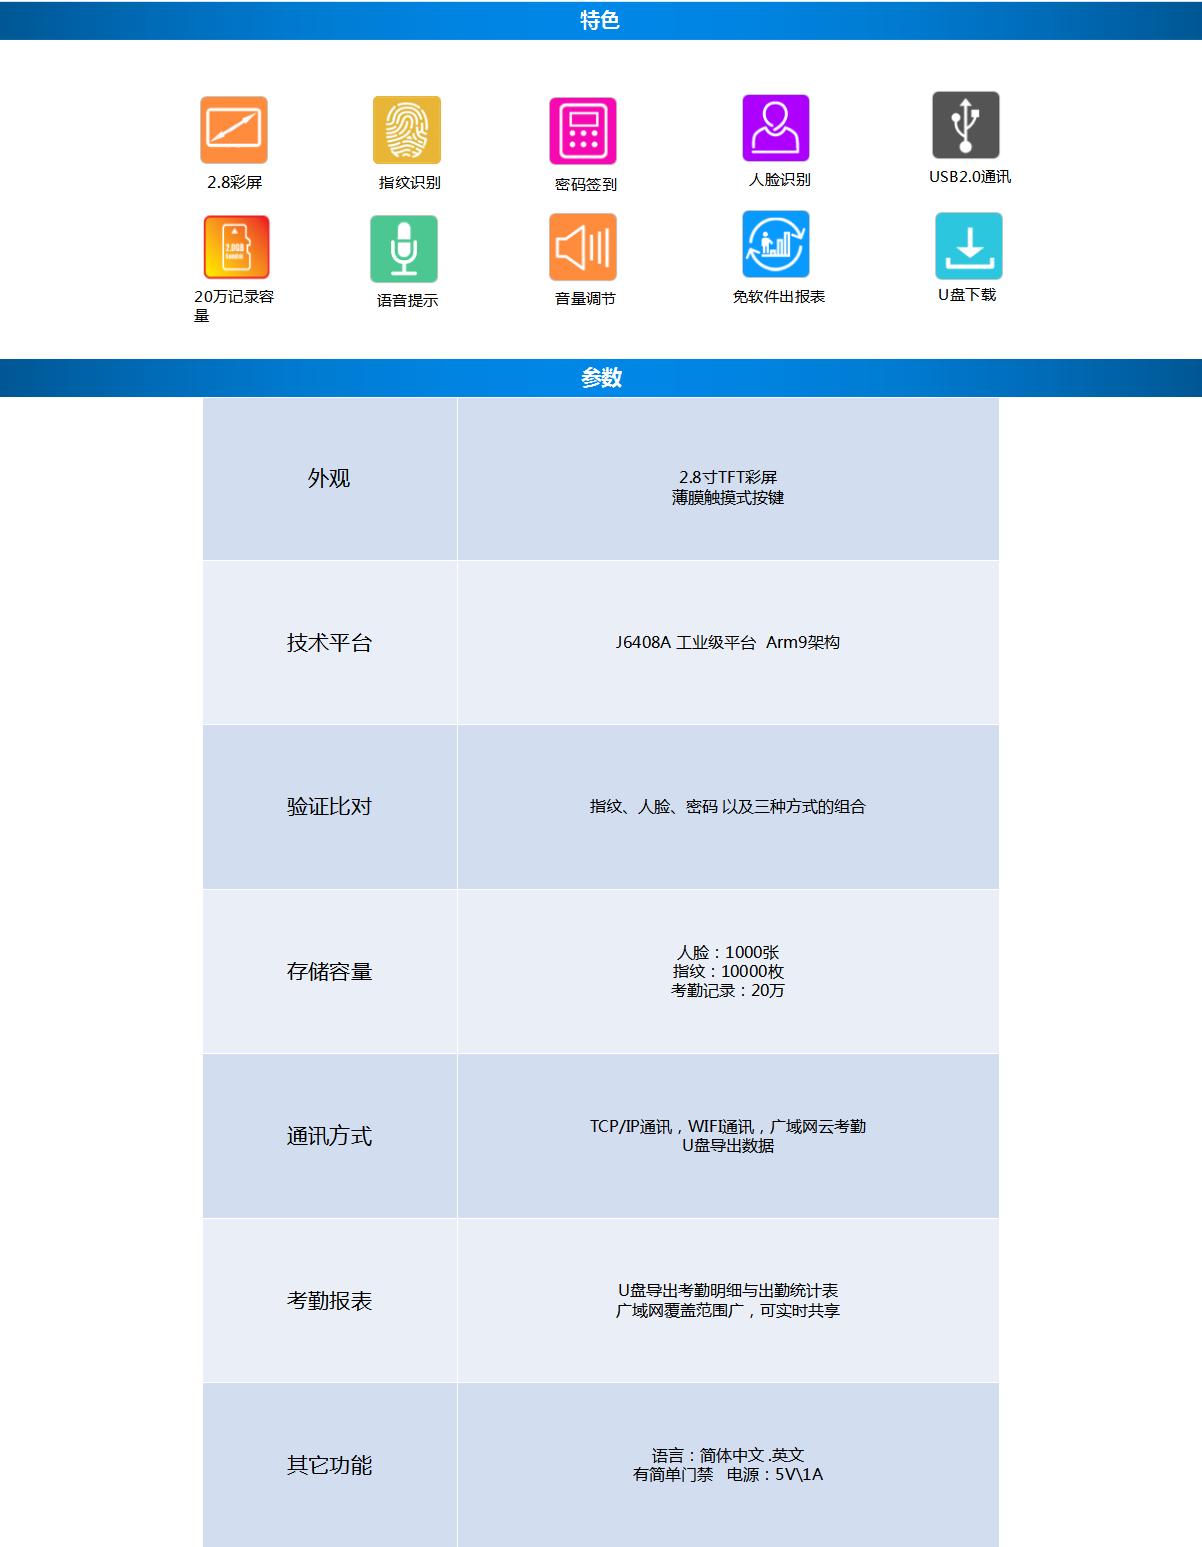 A5官网产品介绍-模板1202-普通品质输出_01.png